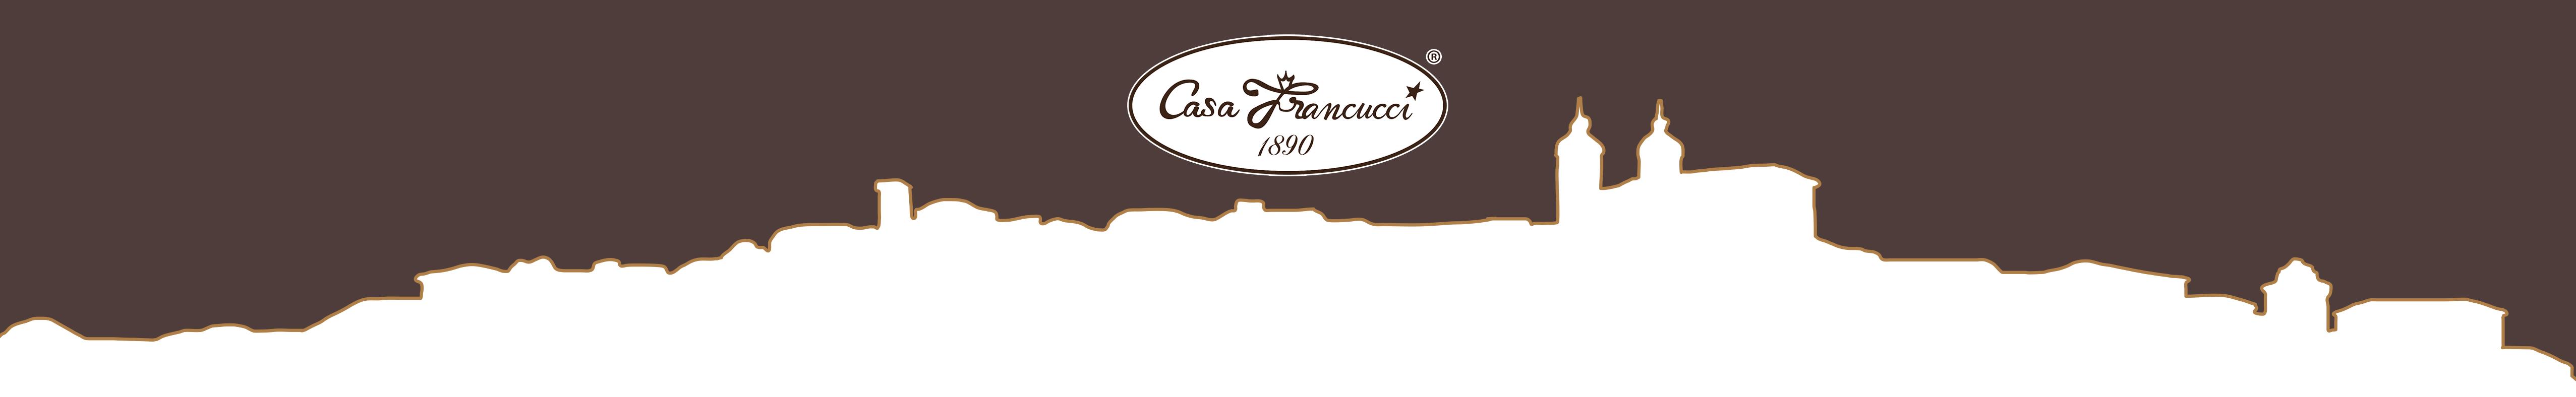 Torrone Camerinese Casa Francucci